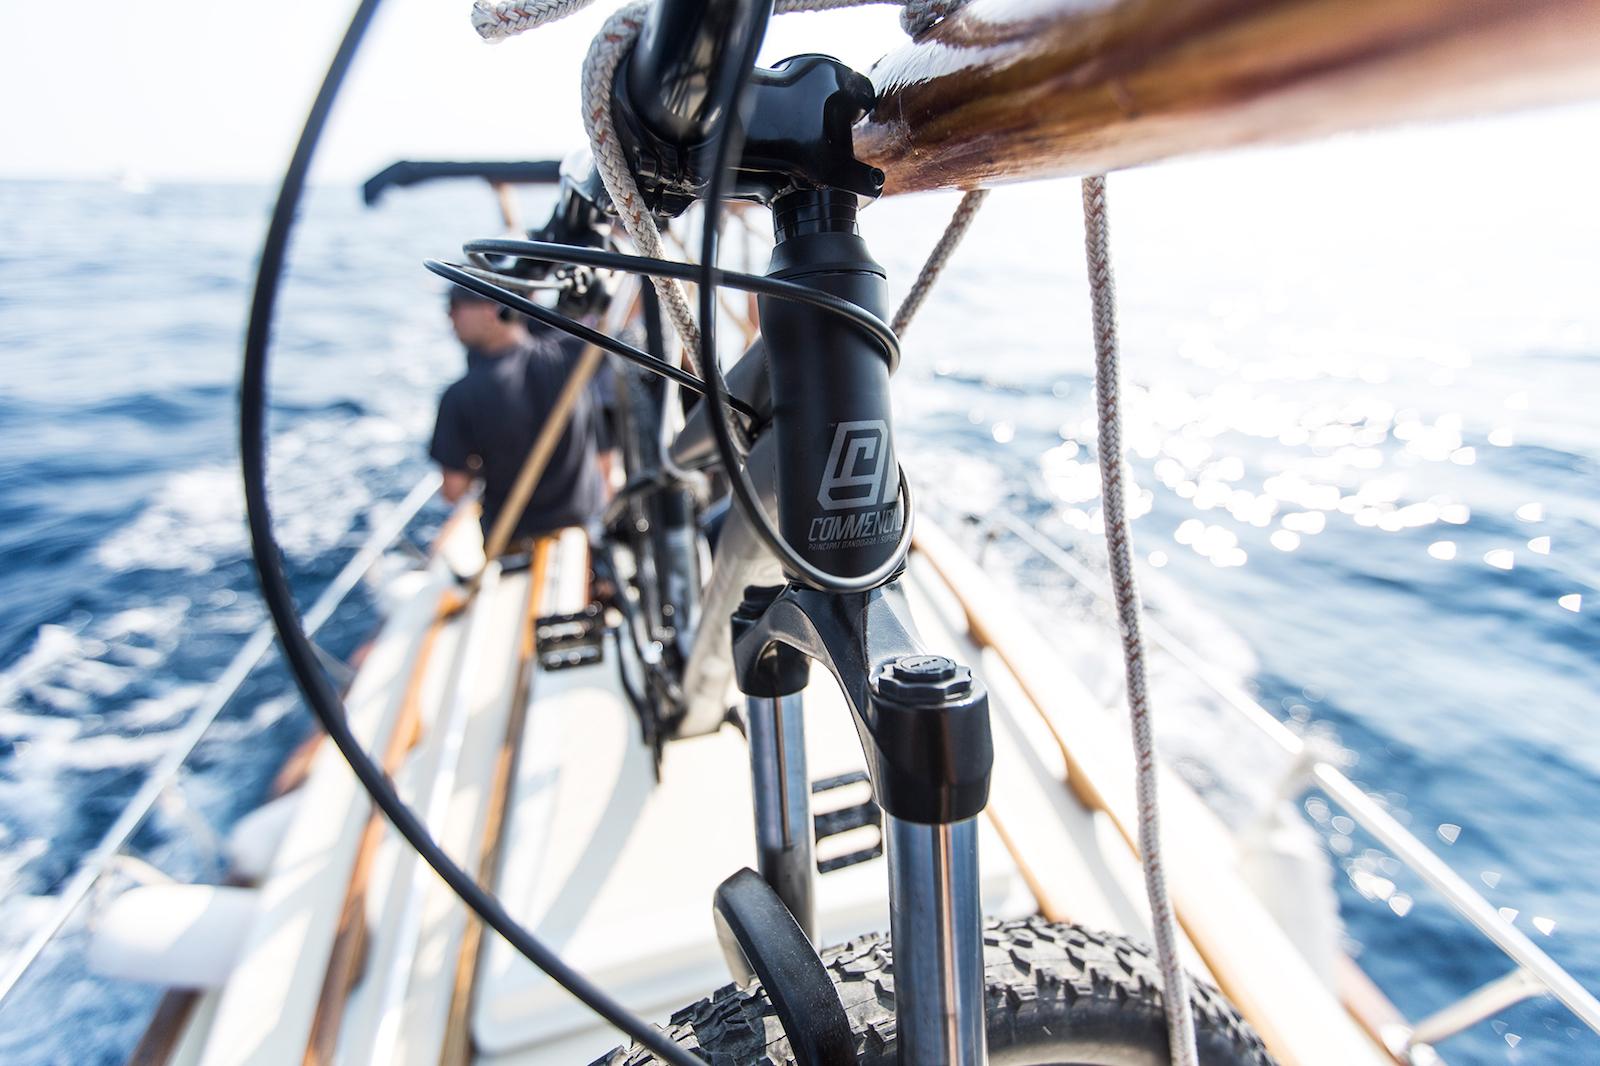 Produit : COMMENCAL EL Camino Rider : Cécile Ravanel Photo : Jb Liautard Lieu : Fréjus